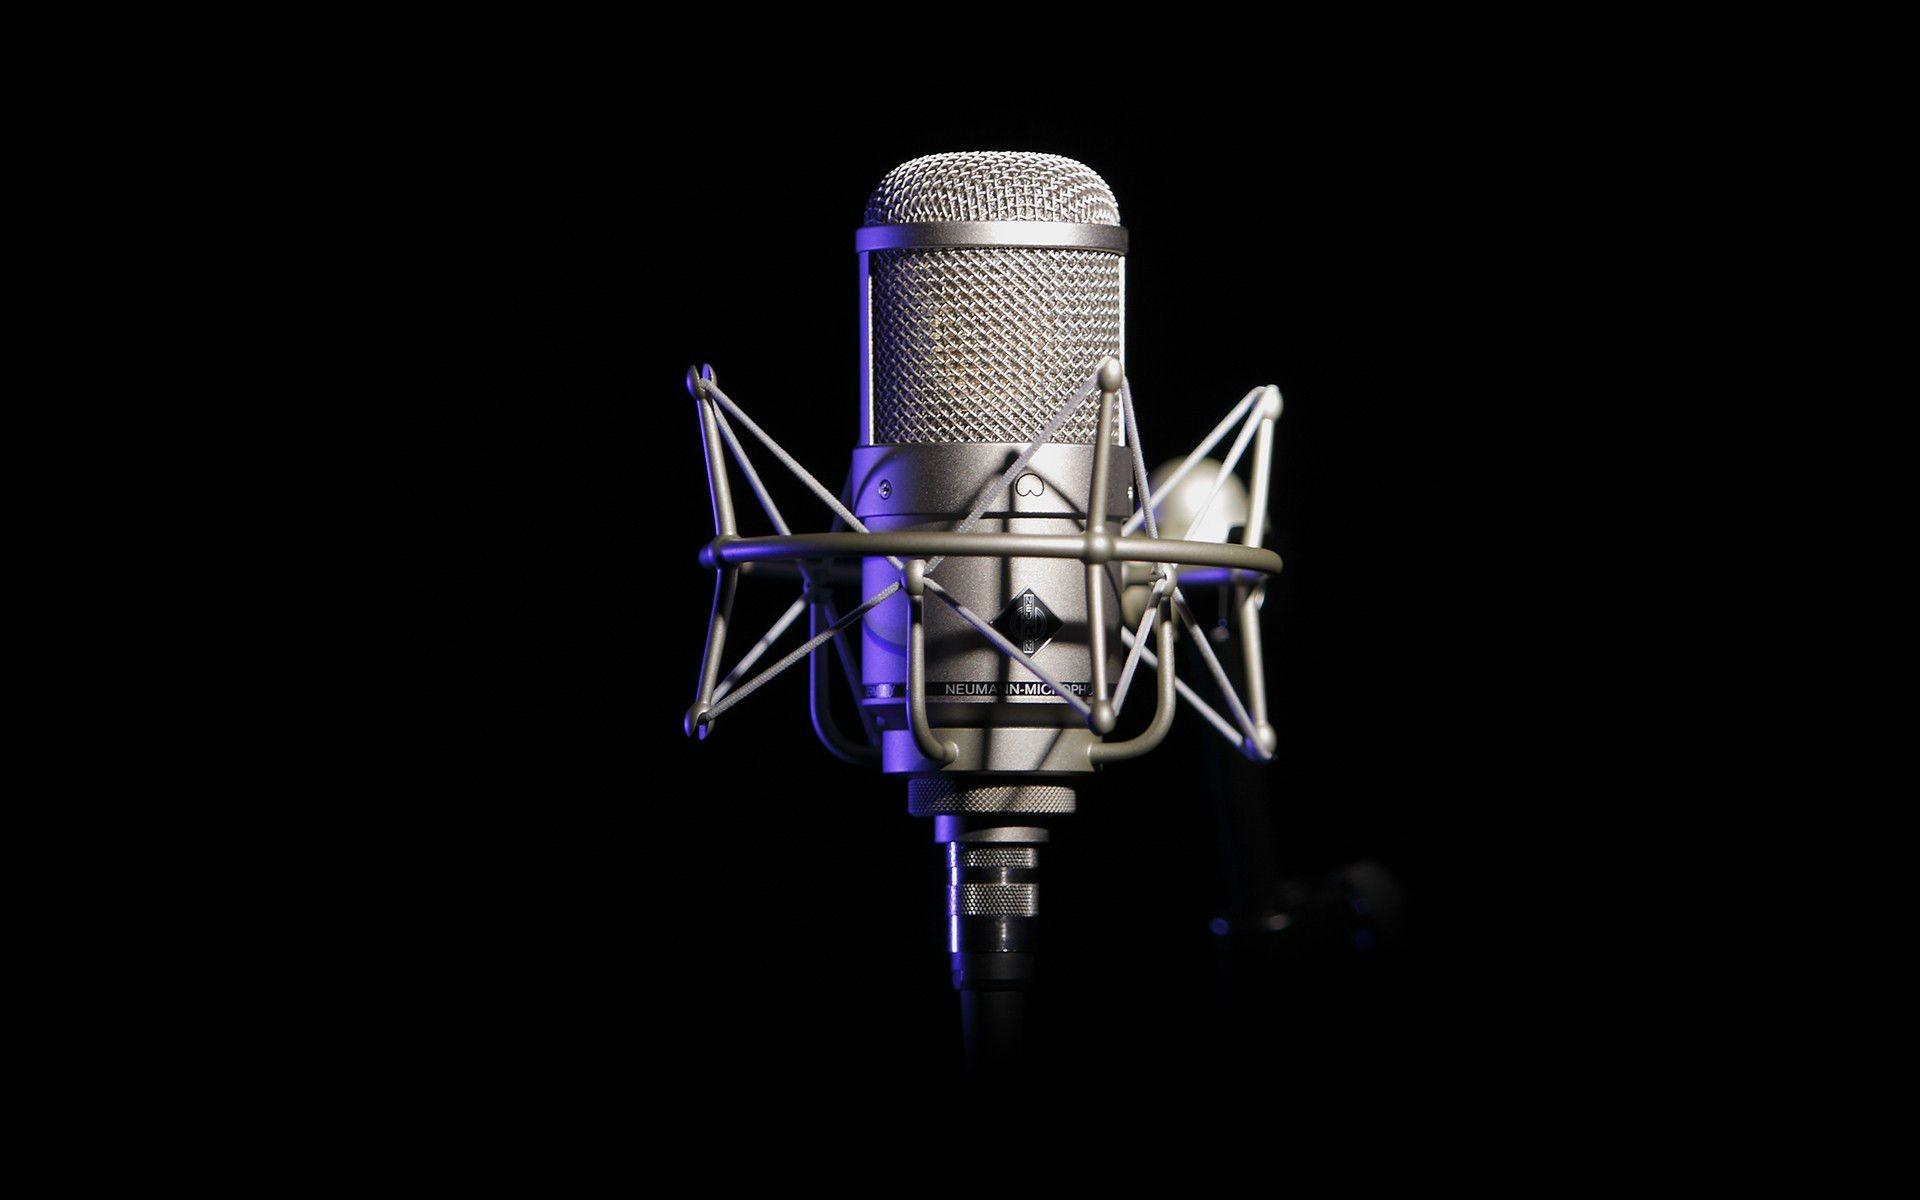 … Hd Recording Studio Wallpaper Wallpapersafari. Download